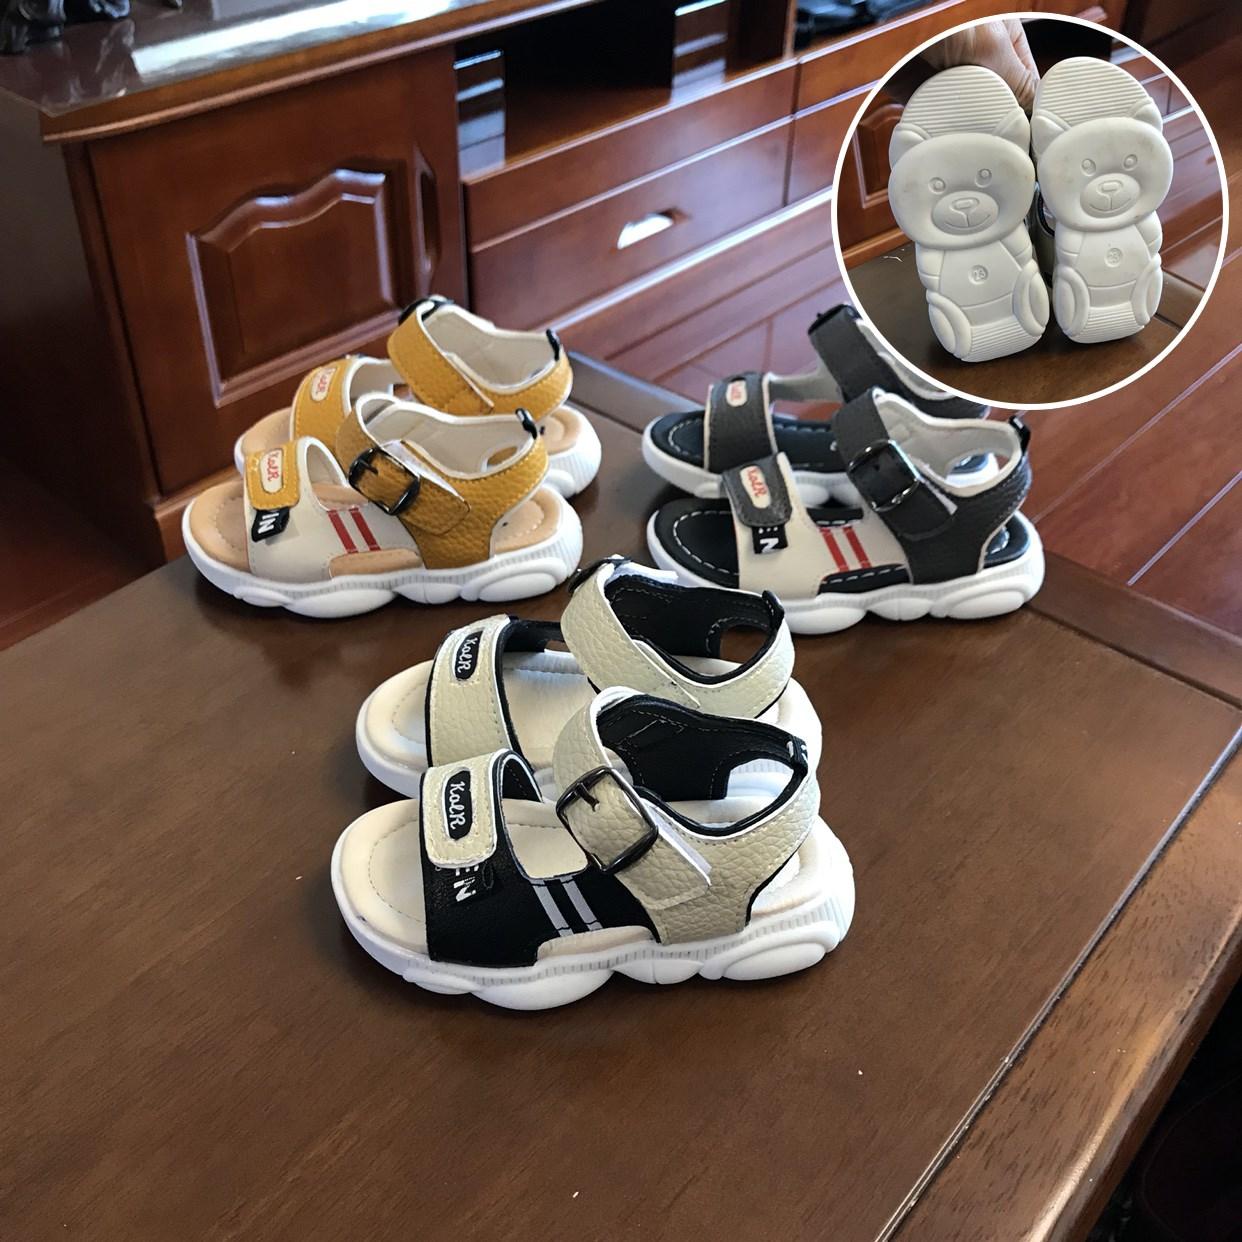 女童凉鞋 宝宝凉鞋男1-3岁2透气防滑软底女童夏季儿童小孩小童鞋婴儿学步鞋_推荐淘宝好看的儿女童凉鞋